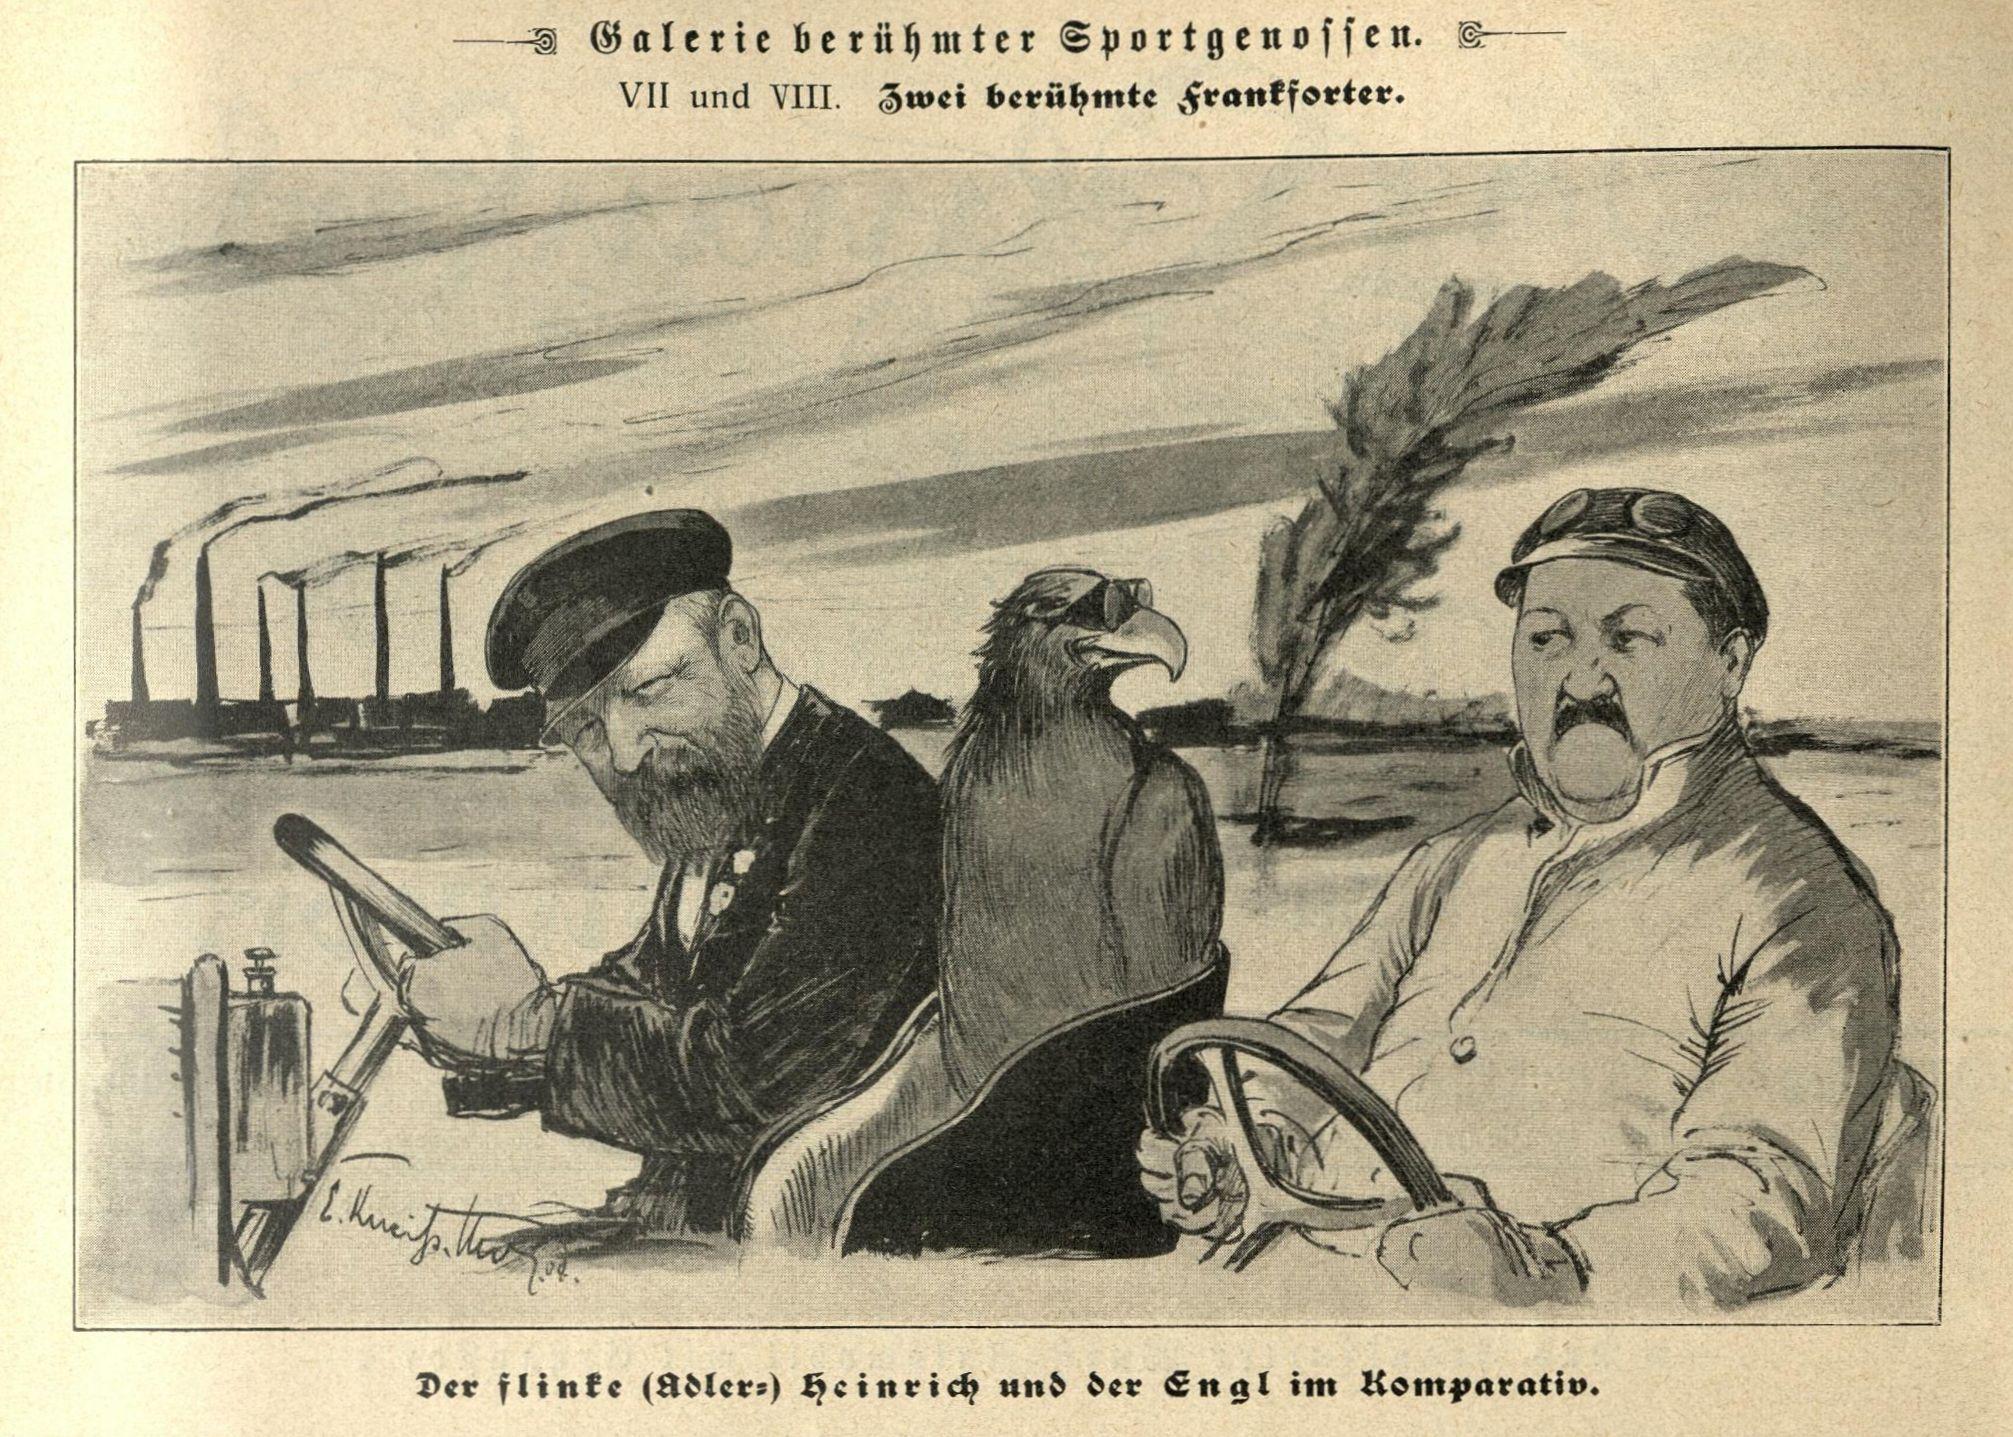 Der flinke Heinrich und der Engl im Komparativ